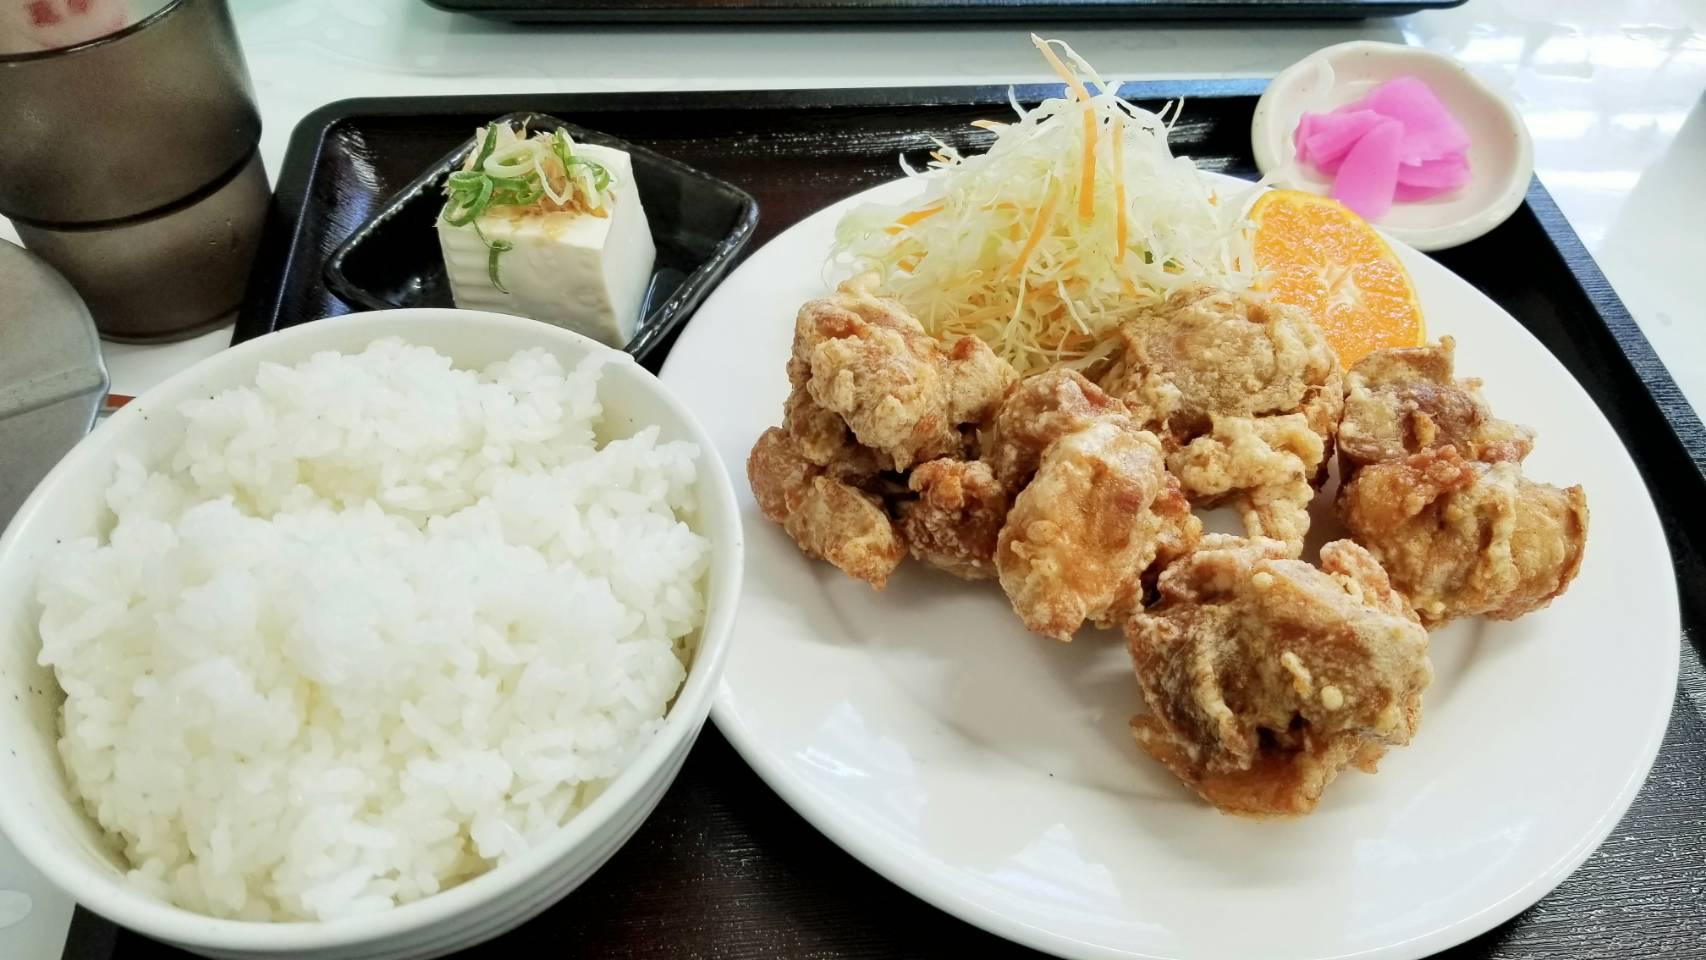 愛媛県道後熊三食堂おいしいランチ安いおすすめからあげ定食四国